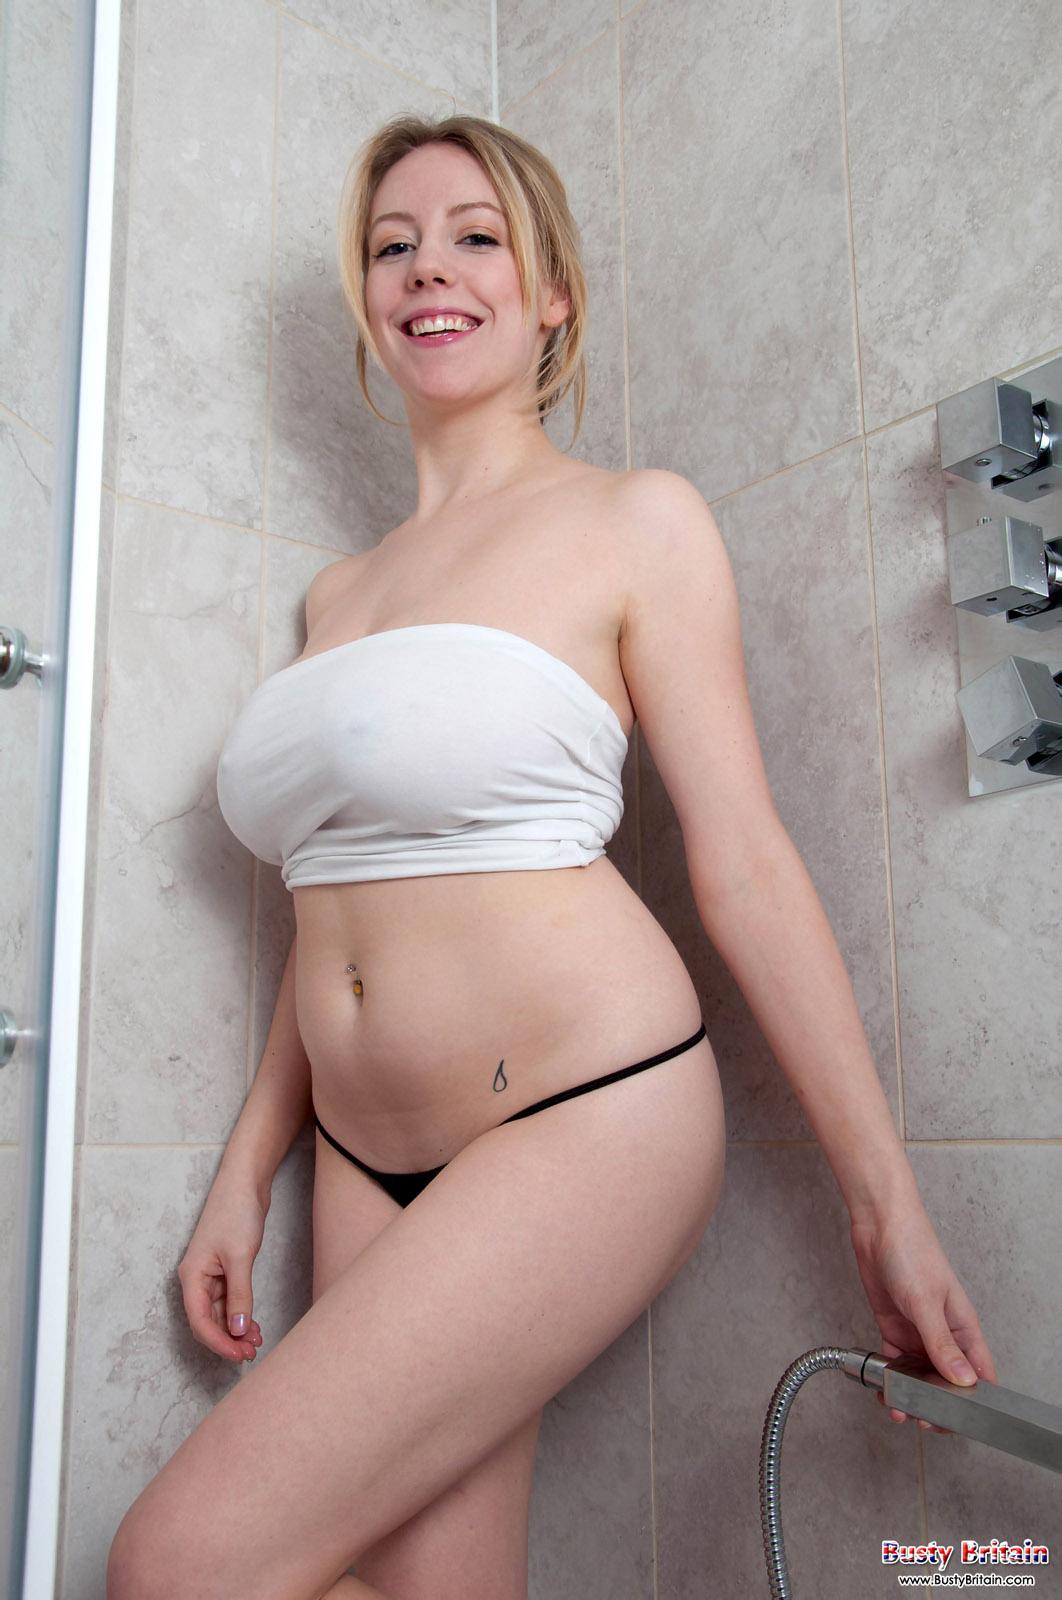 Nude beach bikini